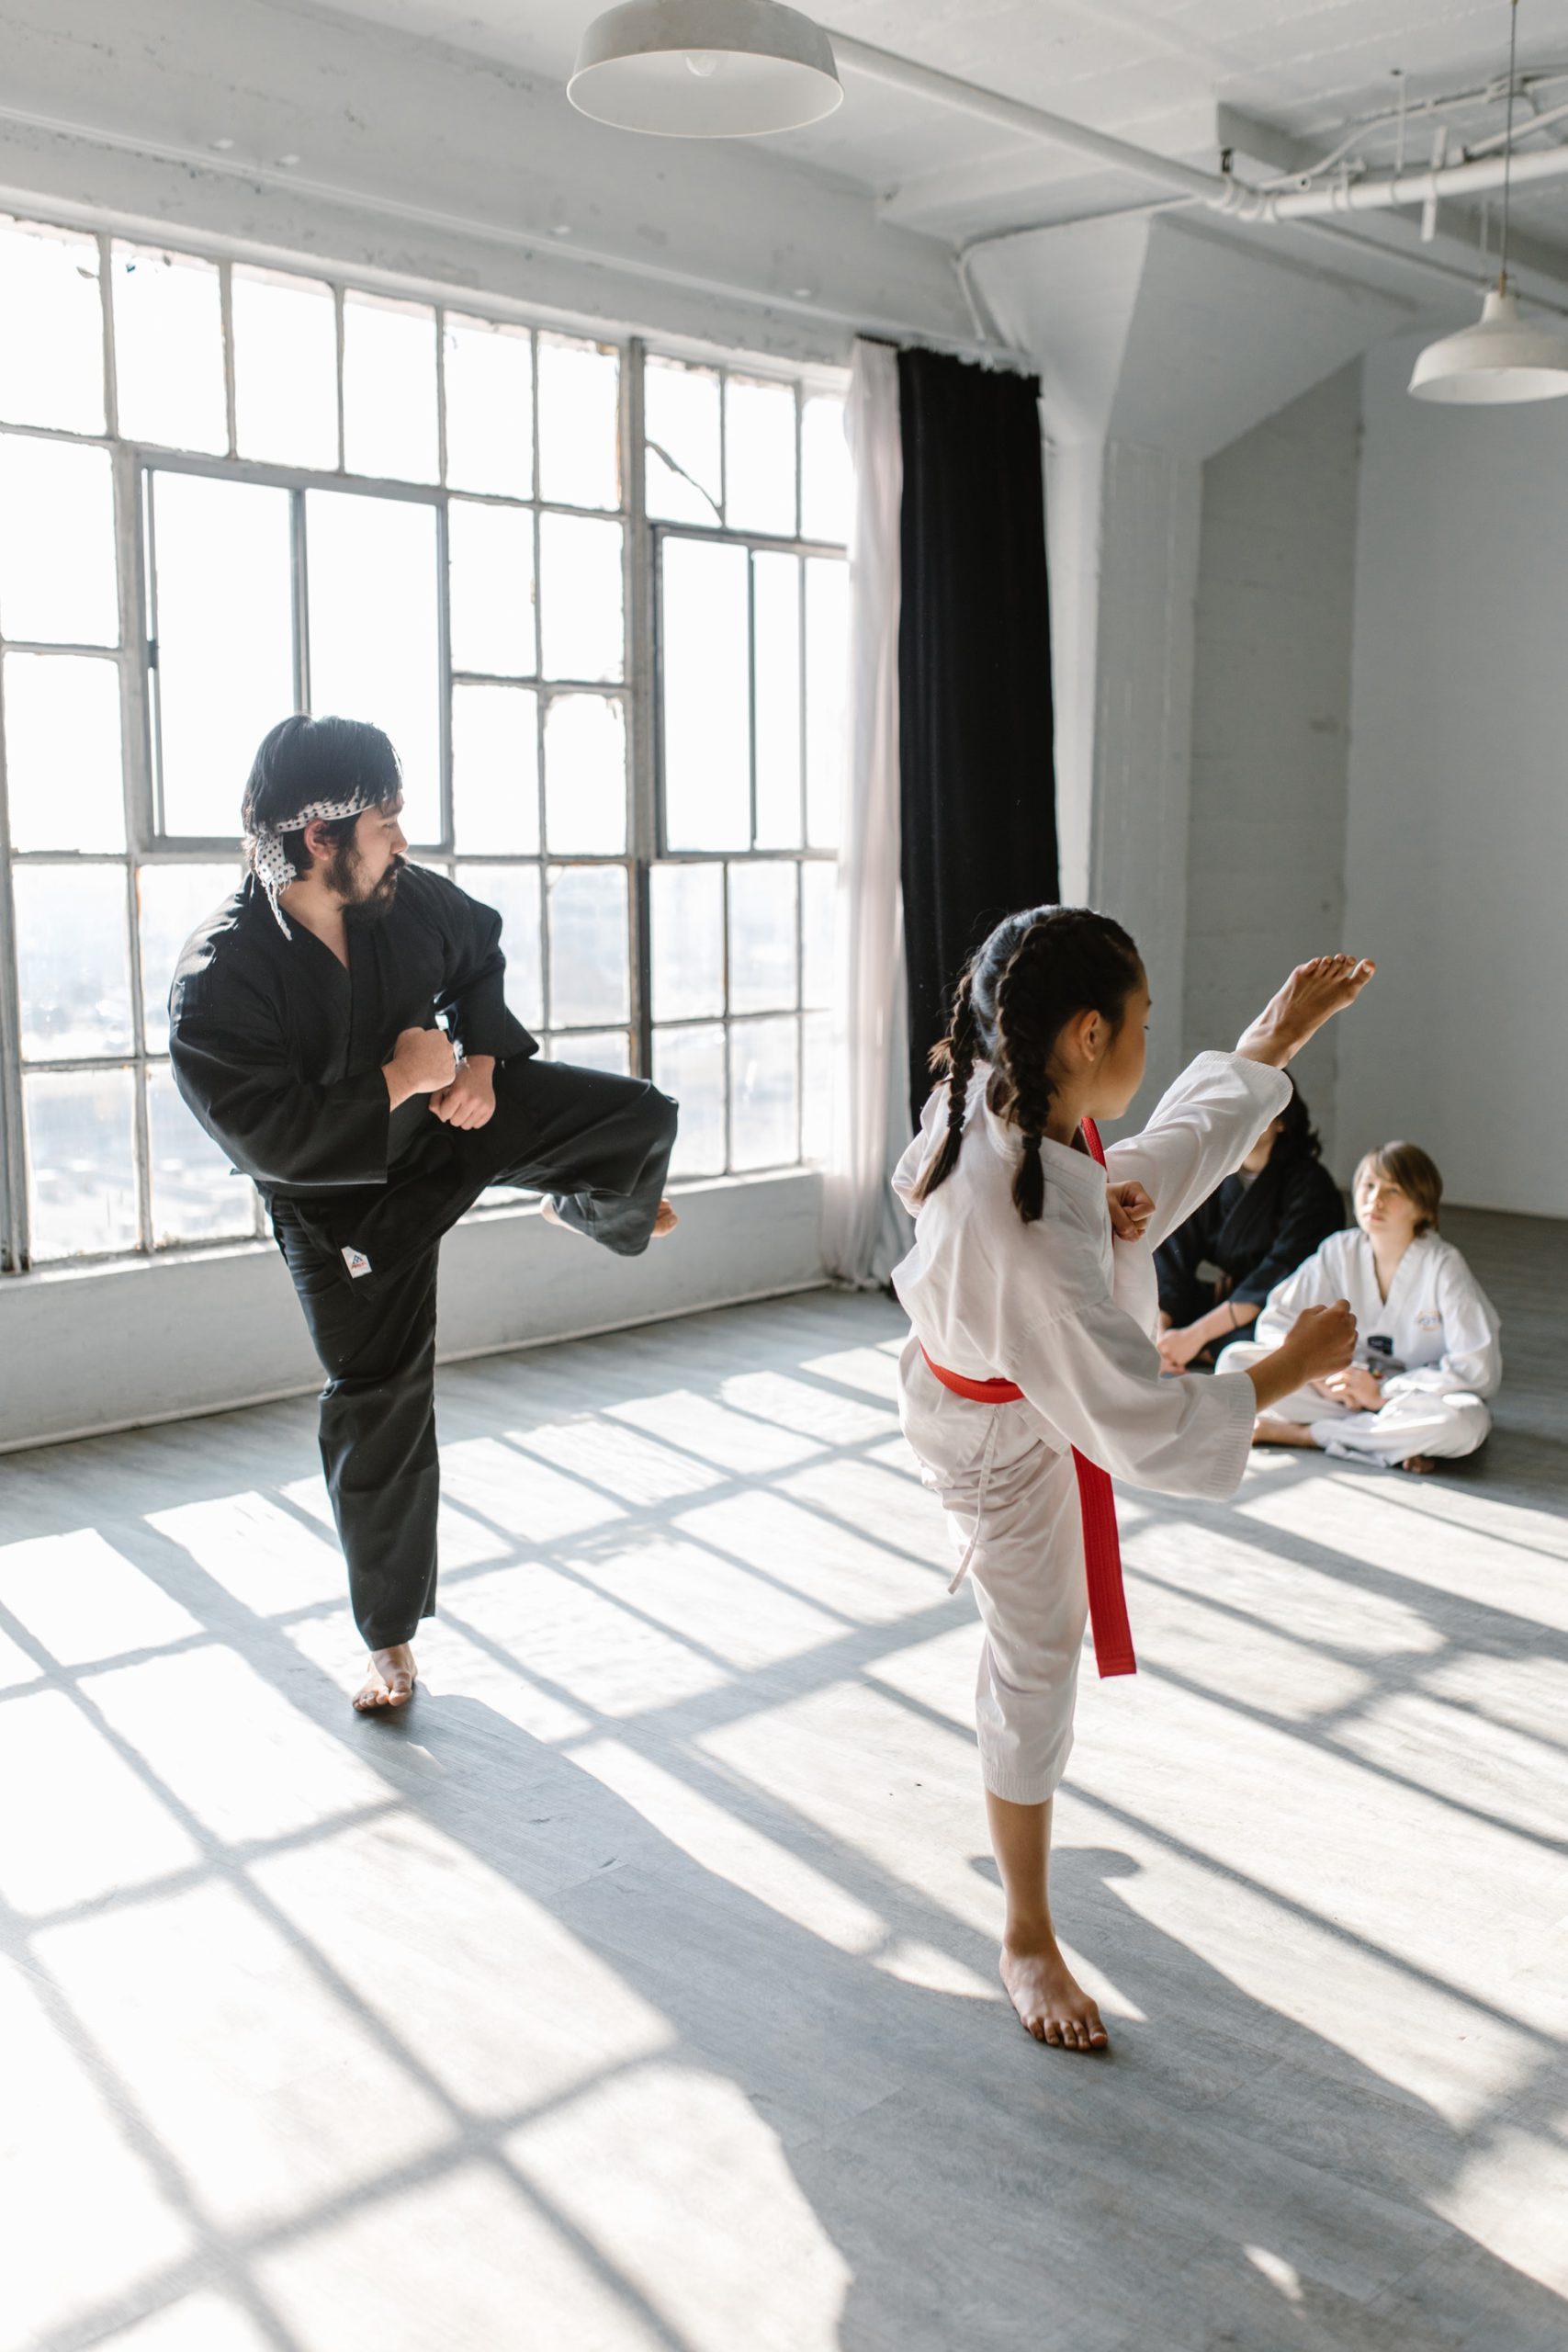 Estas son algunas de las escuelas donde puedes aprender taekwondo | Foto: Pexels